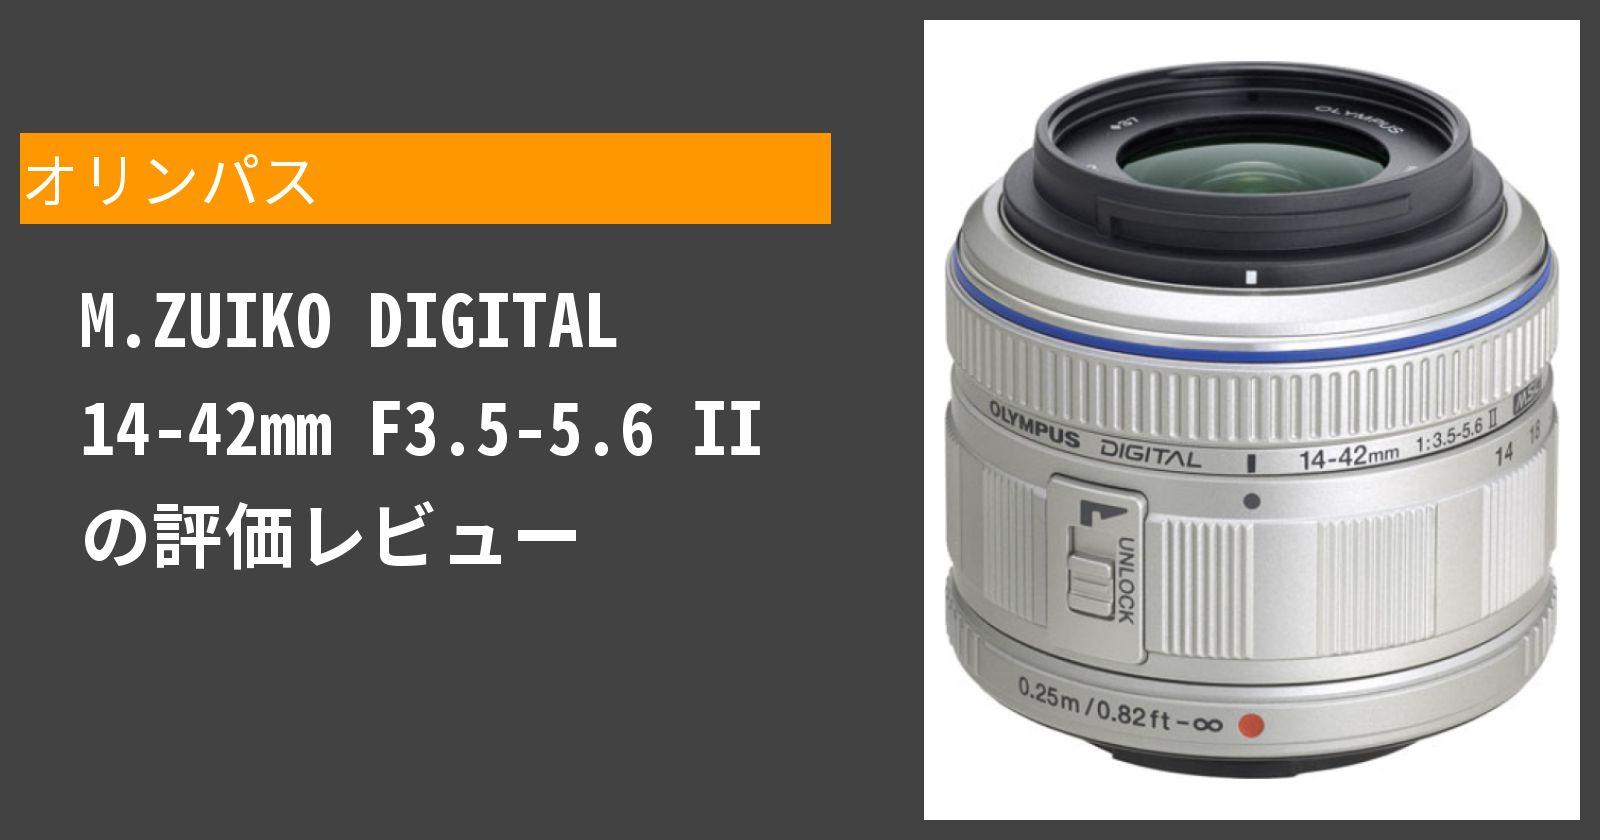 M.ZUIKO DIGITAL 14-42mm F3.5-5.6 IIを徹底評価